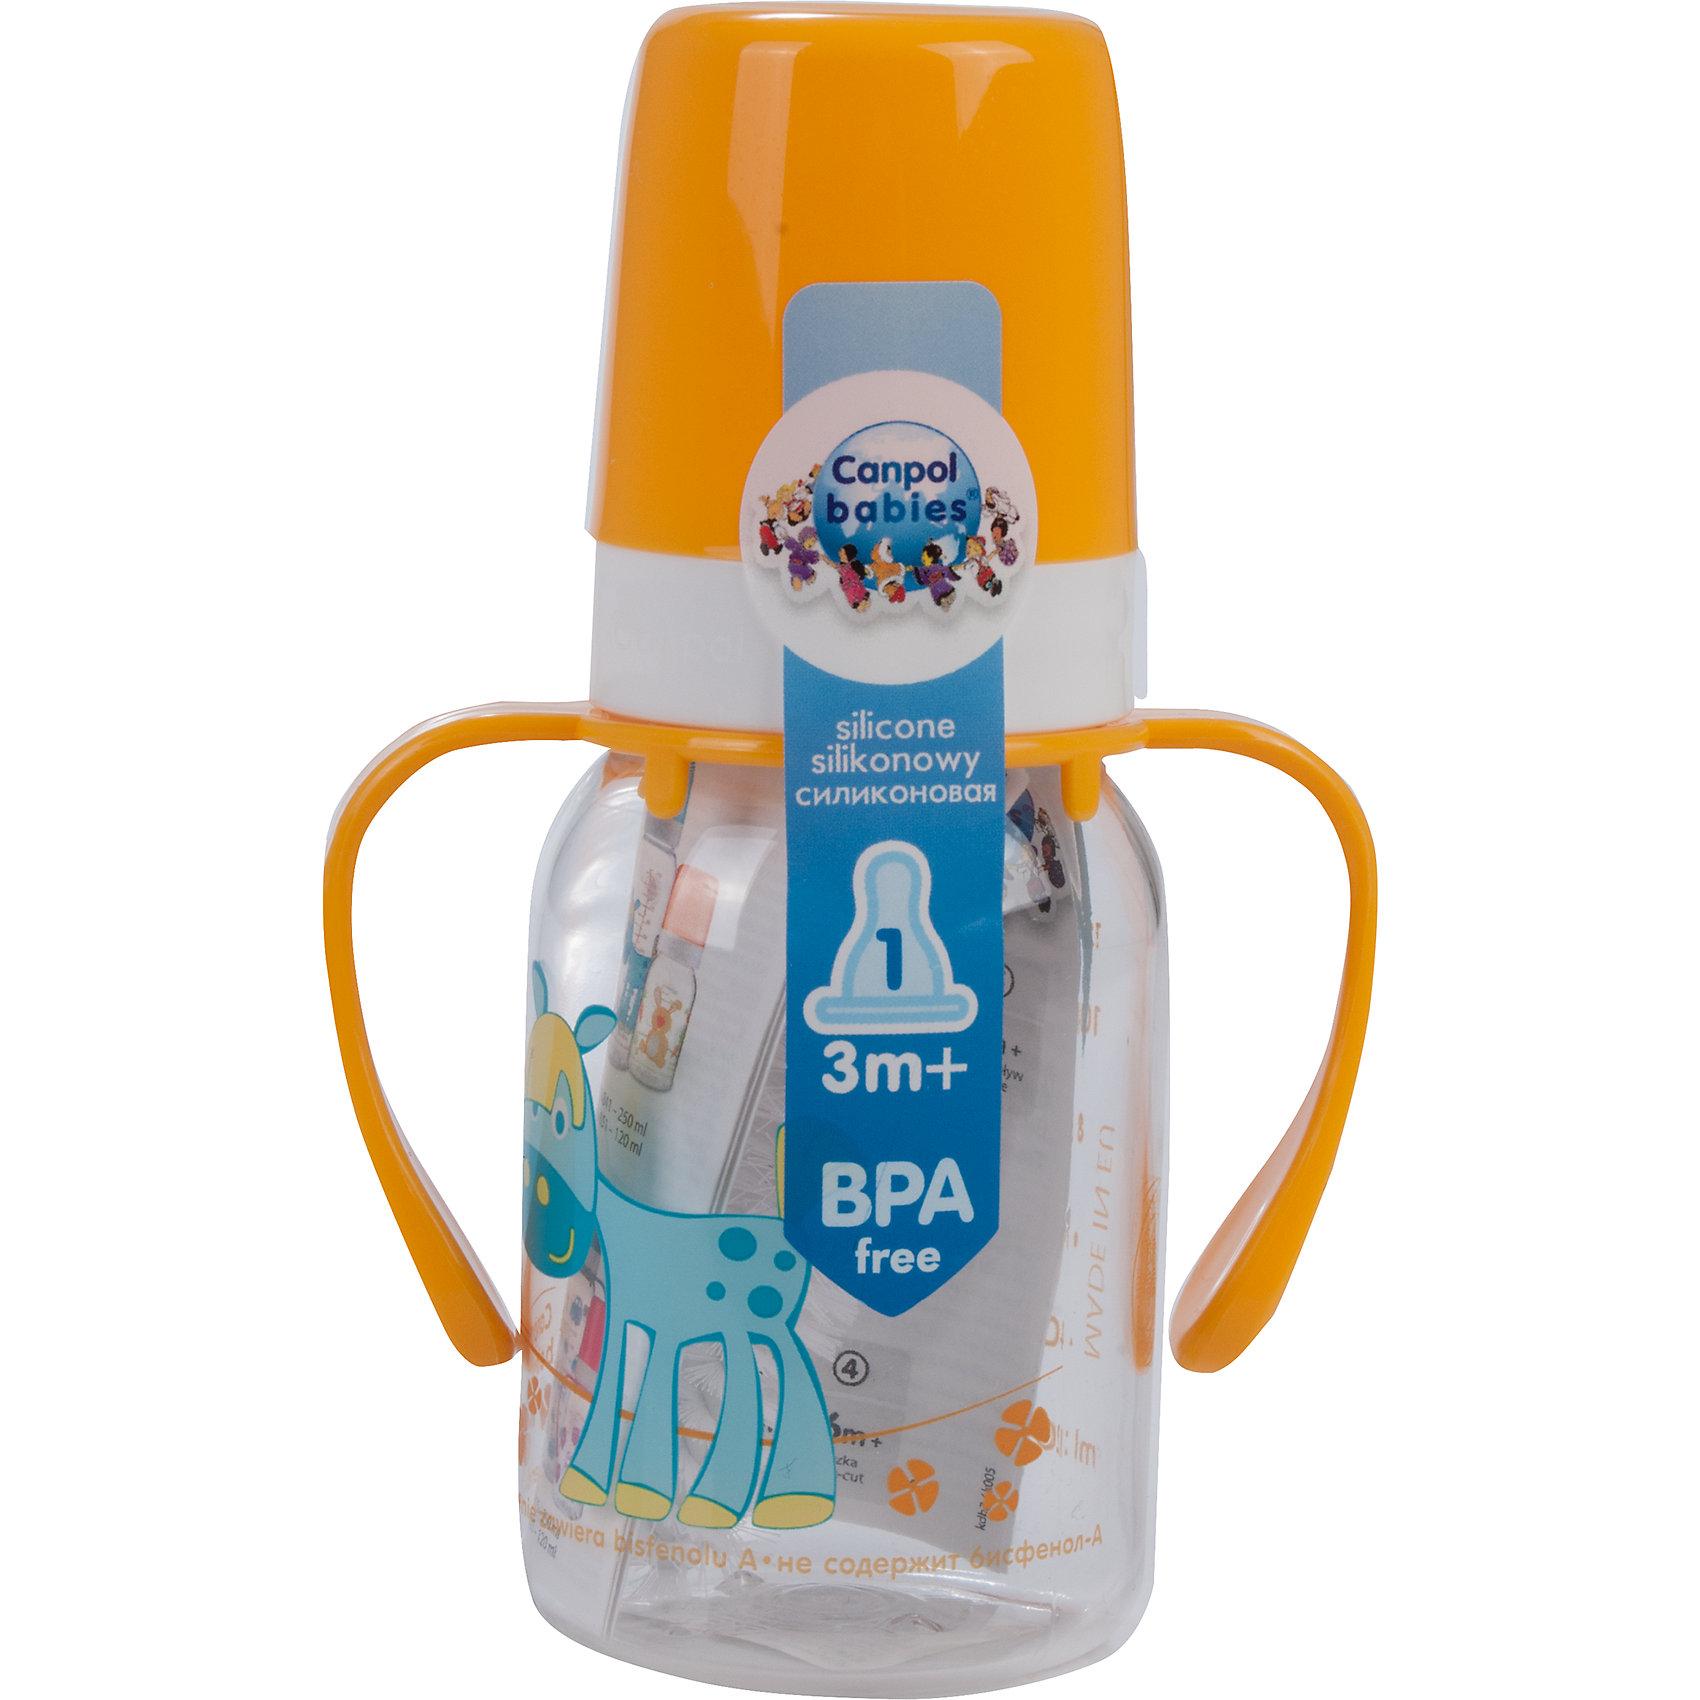 Бутылочка тритановая Лошадка 120 мл. 3+ Cheerful animals, Canpol BabiesБутылочка тритановая (BPA 0%) с ручками с сил. соской, 120 мл. 3+, Cheerful animals Canpol Babies, (Канпол Бейбис), лошадка.<br><br>Характеристики: <br><br>• Объем бутылочки: 120мл.<br>• Материал бутылочки: тритан - пластик нового поколения.<br>• Материал соски: силикон.<br>• Цвет :оранжевый.<br>• Удобные ручки.<br>Бутылочка тритановая (BPA 0%) с ручками с сил. соской, 120 мл. 3+, Canpol Babies, (Канпол Бейбис) ,лошадка имеет классическую форму и снабжена ручками. Удобна в использовании дома и в дороге. Бутылочка выполнена из безопасного качественного материала - тритана, который хорошо держит тепло, снабжена силиконовой соской (медленный поток) и защитным колпачком, имеет удобную мерную шкалу.  Такую бутылочку и все части можно кипятить в воде или стерилизовать с помощью специального прибора. Не впитывает запахи. По мере взросления малыш сможет самостоятельно пить из бутылочки, держа  ее за удобные ручки. Бутылочка украшена забавным принтом в виде лошадки.<br>Бутылочку тритановая (BPA 0%) с ручками с сил. соской, 120 мл. 3+, Cheerful animals Canpol Babies, (Канпол Бейбис), лошадка  можно купить в нашем интернет- магазине.<br><br>Ширина мм: 175<br>Глубина мм: 85<br>Высота мм: 55<br>Вес г: 560<br>Возраст от месяцев: 3<br>Возраст до месяцев: 18<br>Пол: Унисекс<br>Возраст: Детский<br>SKU: 5156791